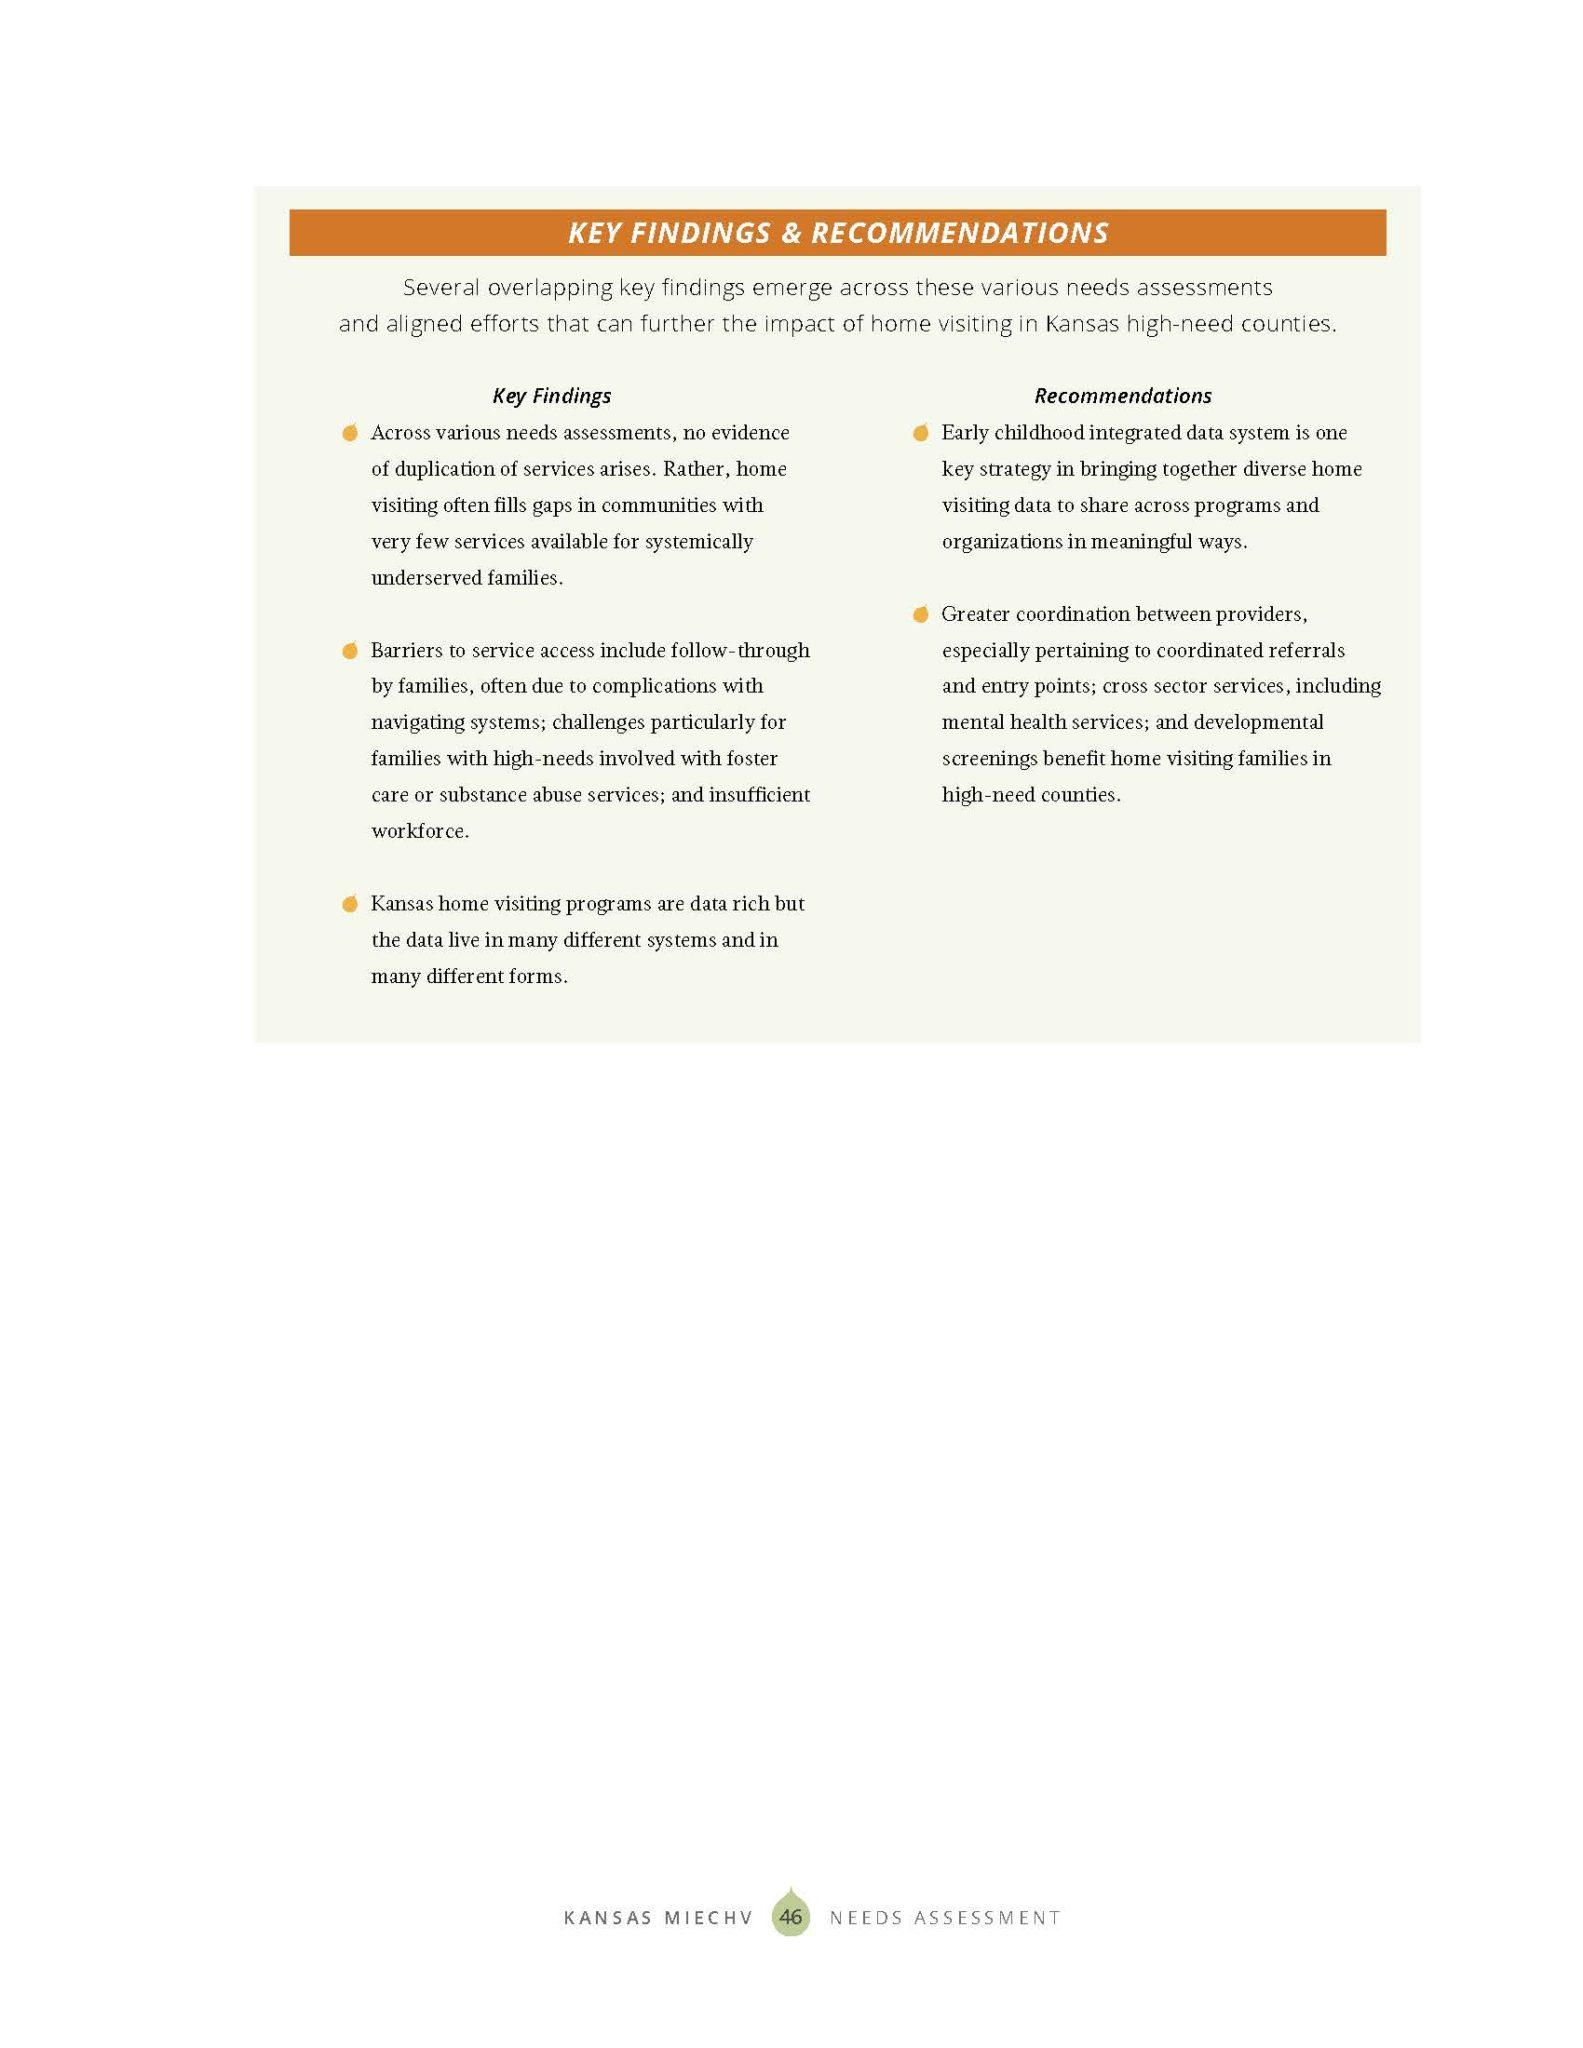 KS MIECHV 2020 Needs Assessment_DIGITAL_Page_054